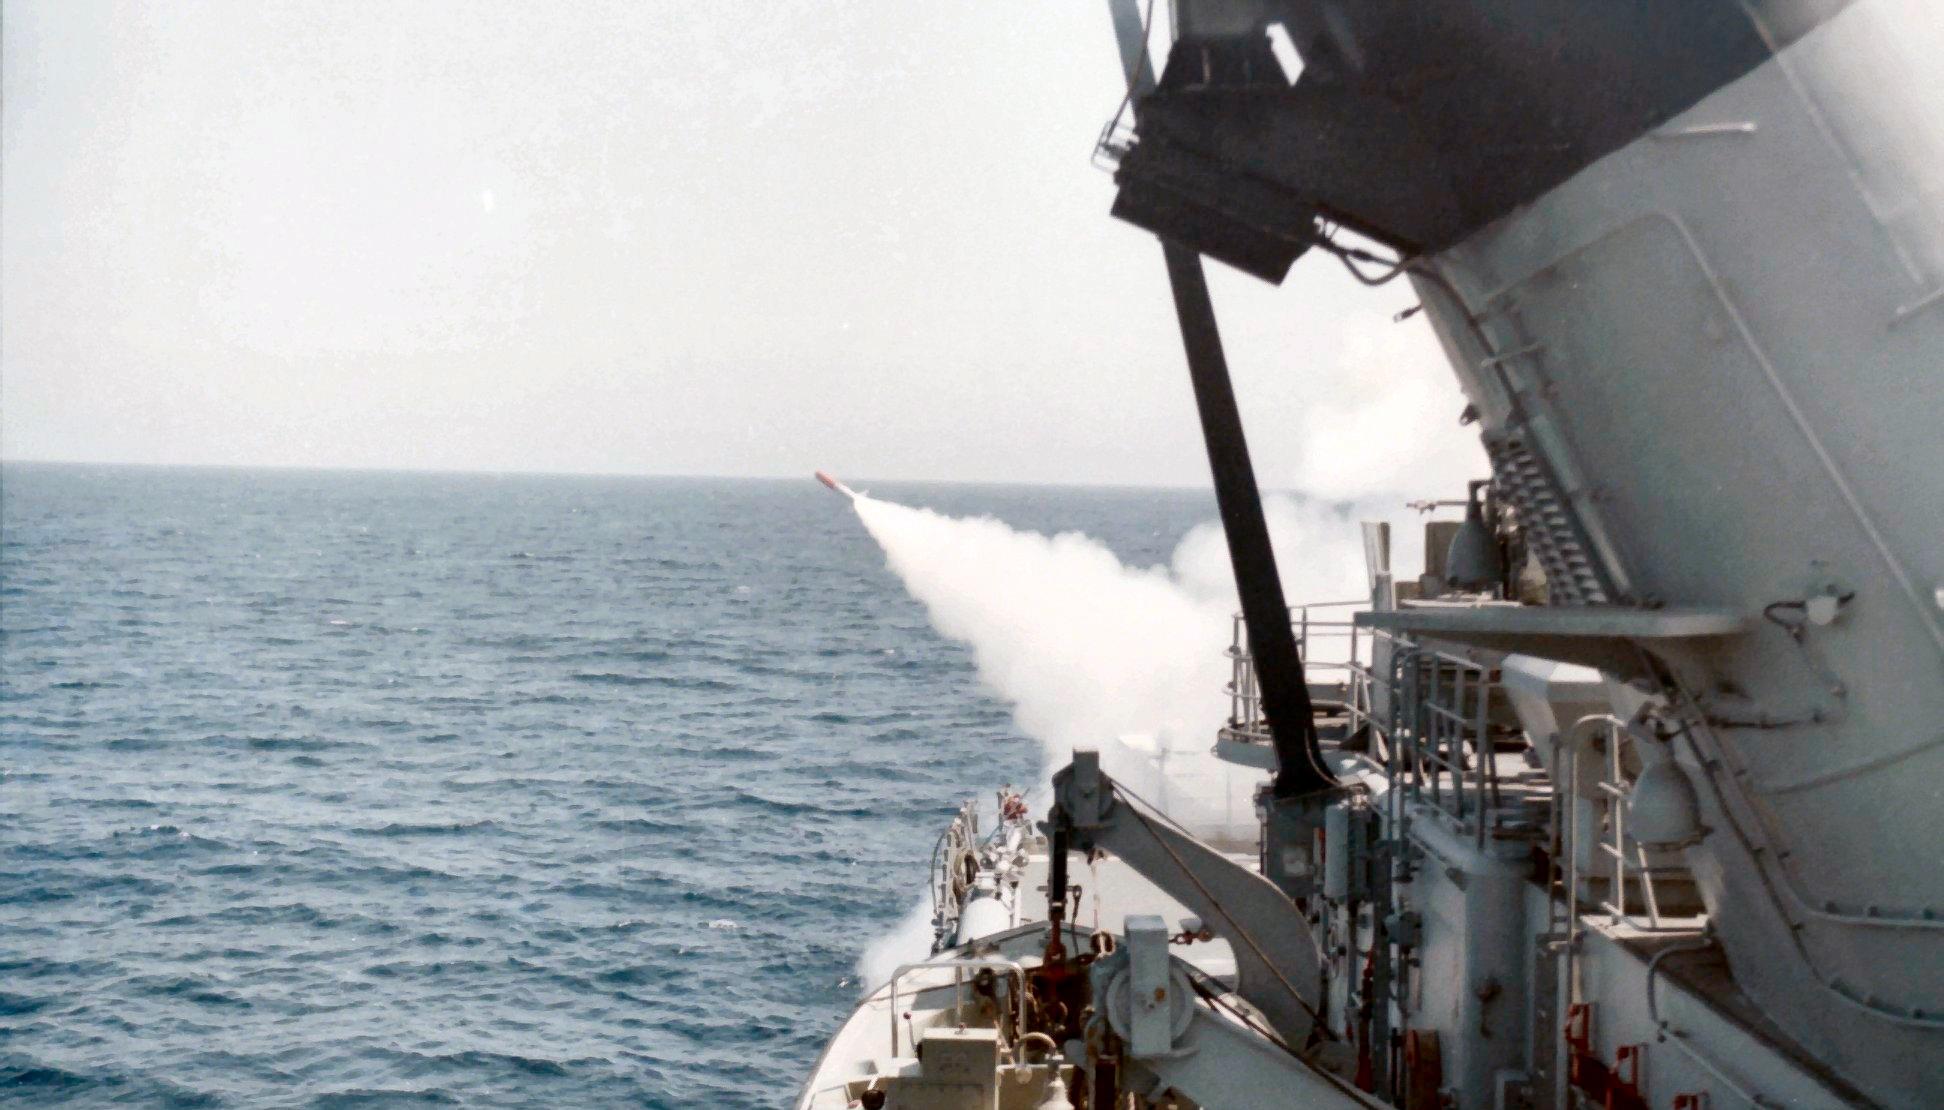 Royal Moroccan Navy Descubierta Frigate / Corvette Lt Cl Errahmani - Bâtiment École - Page 4 Clipb504